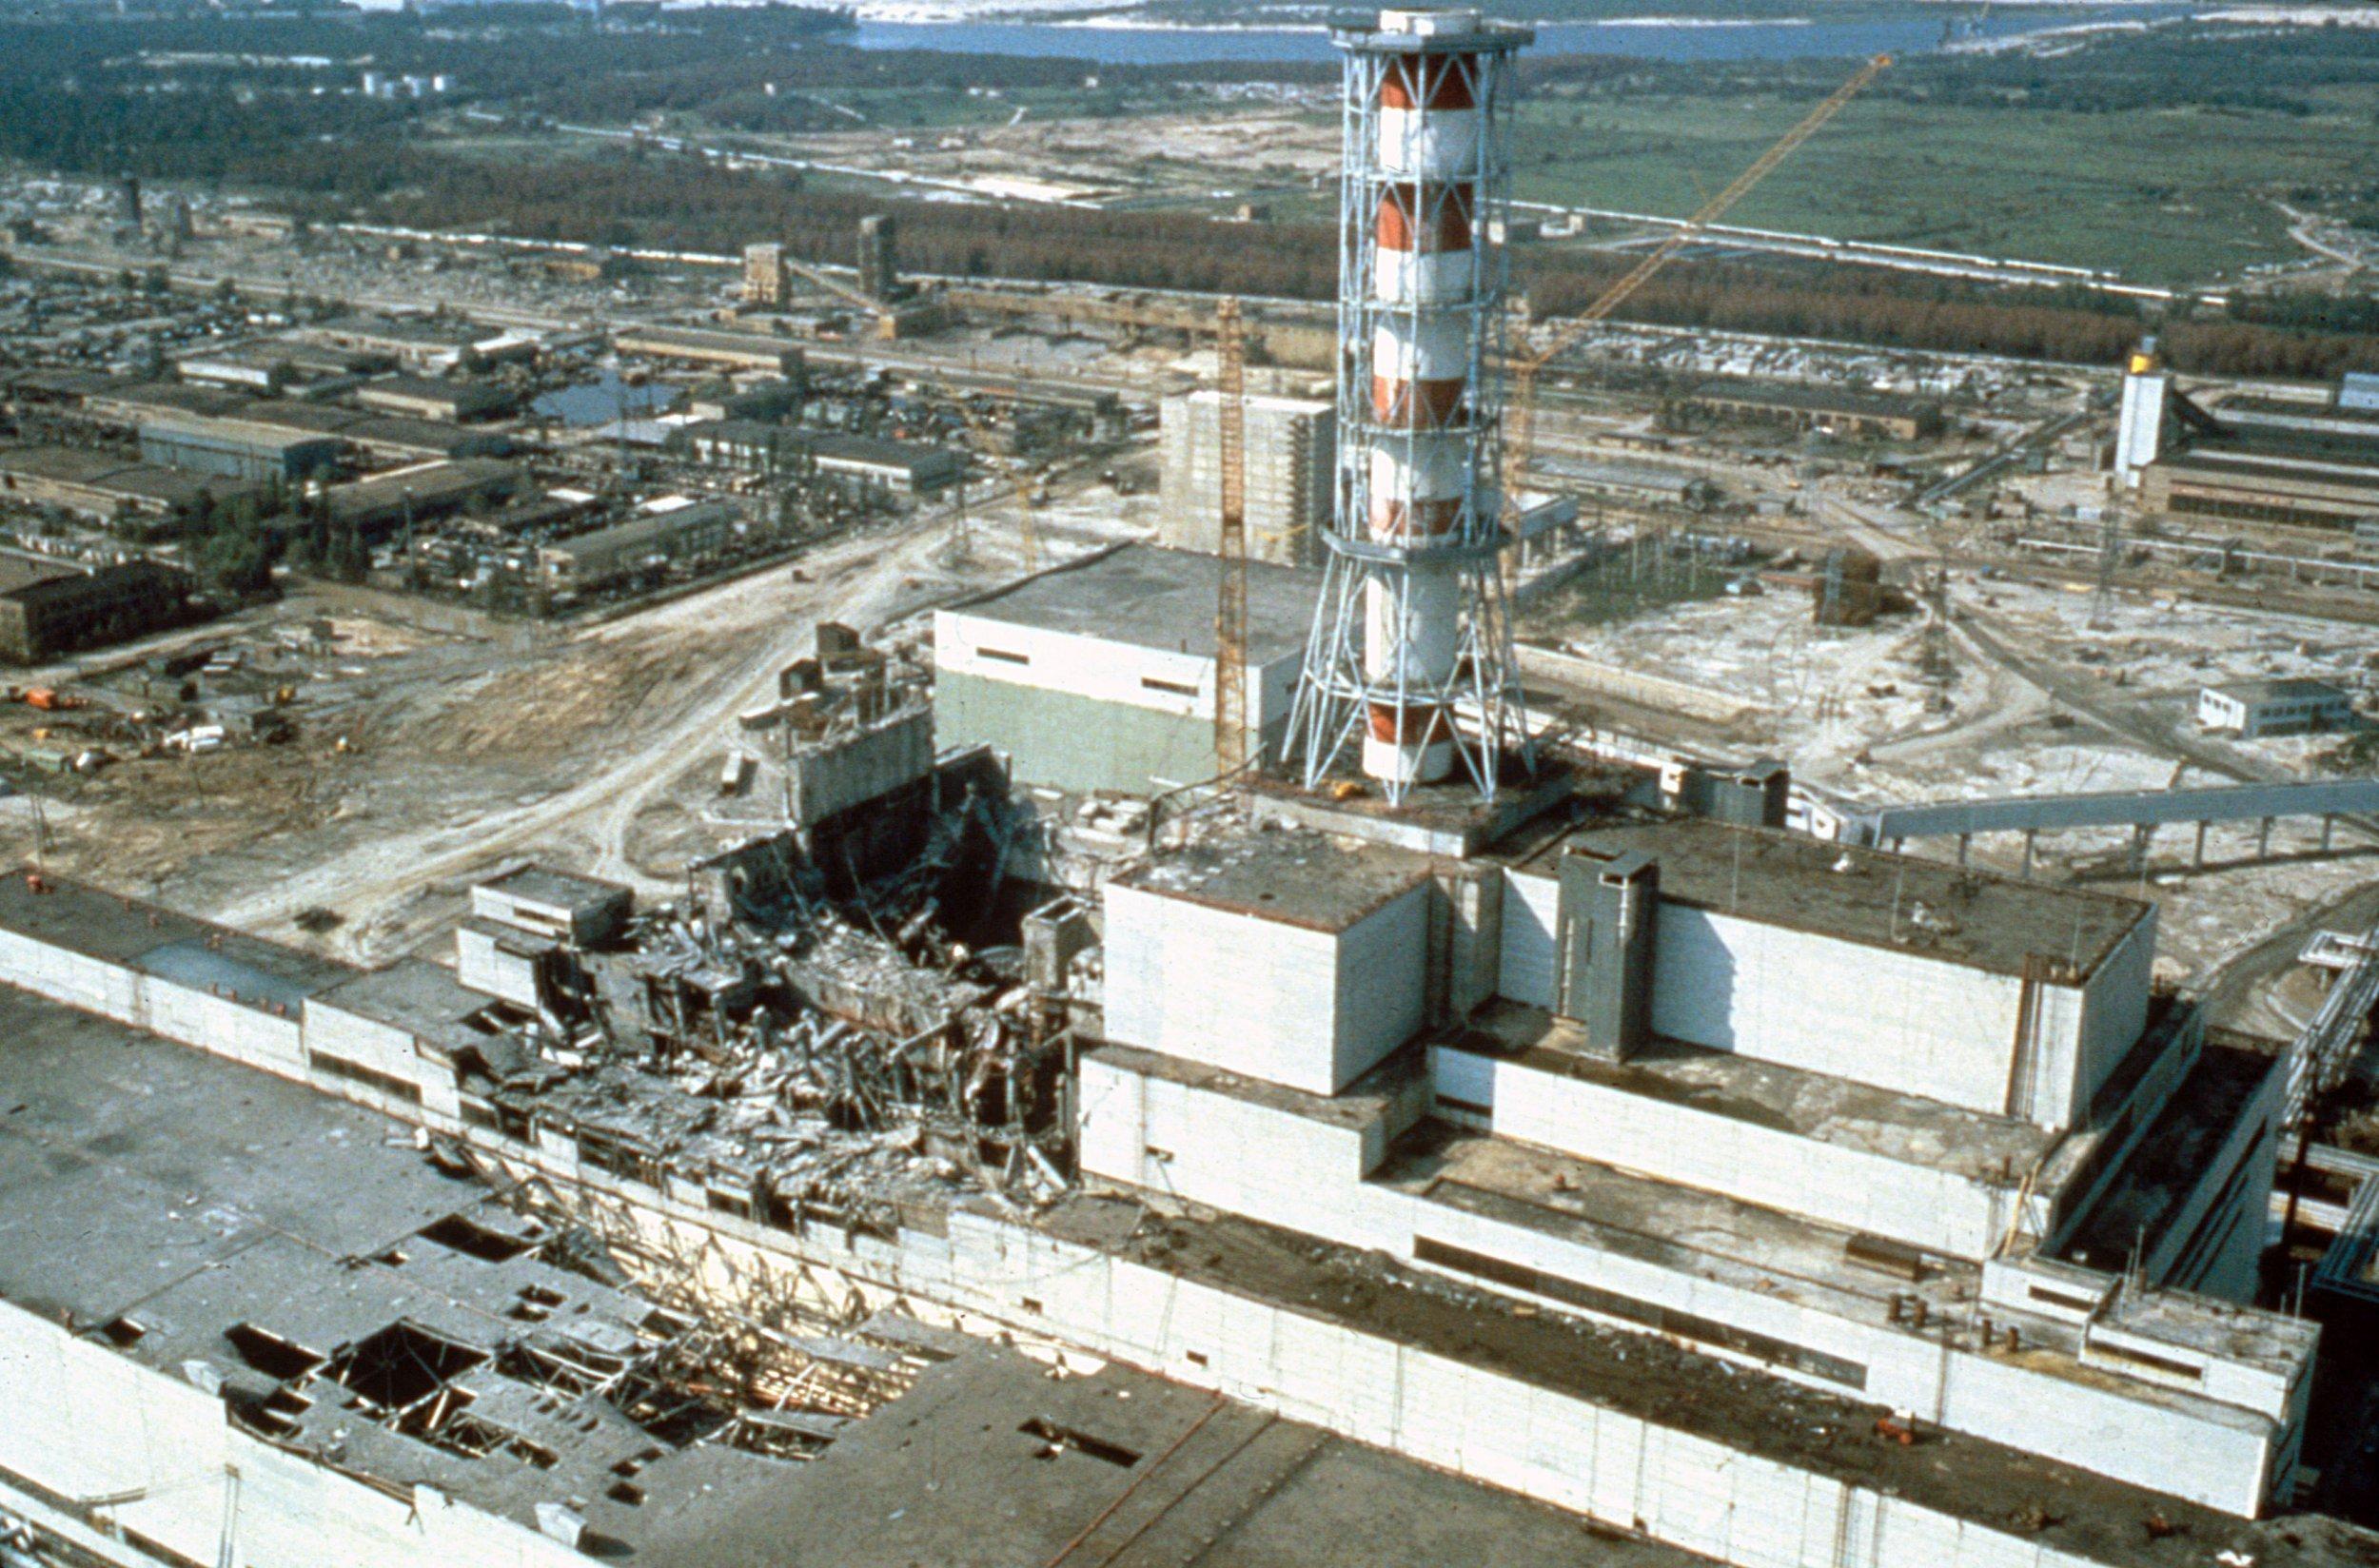 Το πυρηνικό ατύχημα του Τσερνόμπιλ   offlinepost